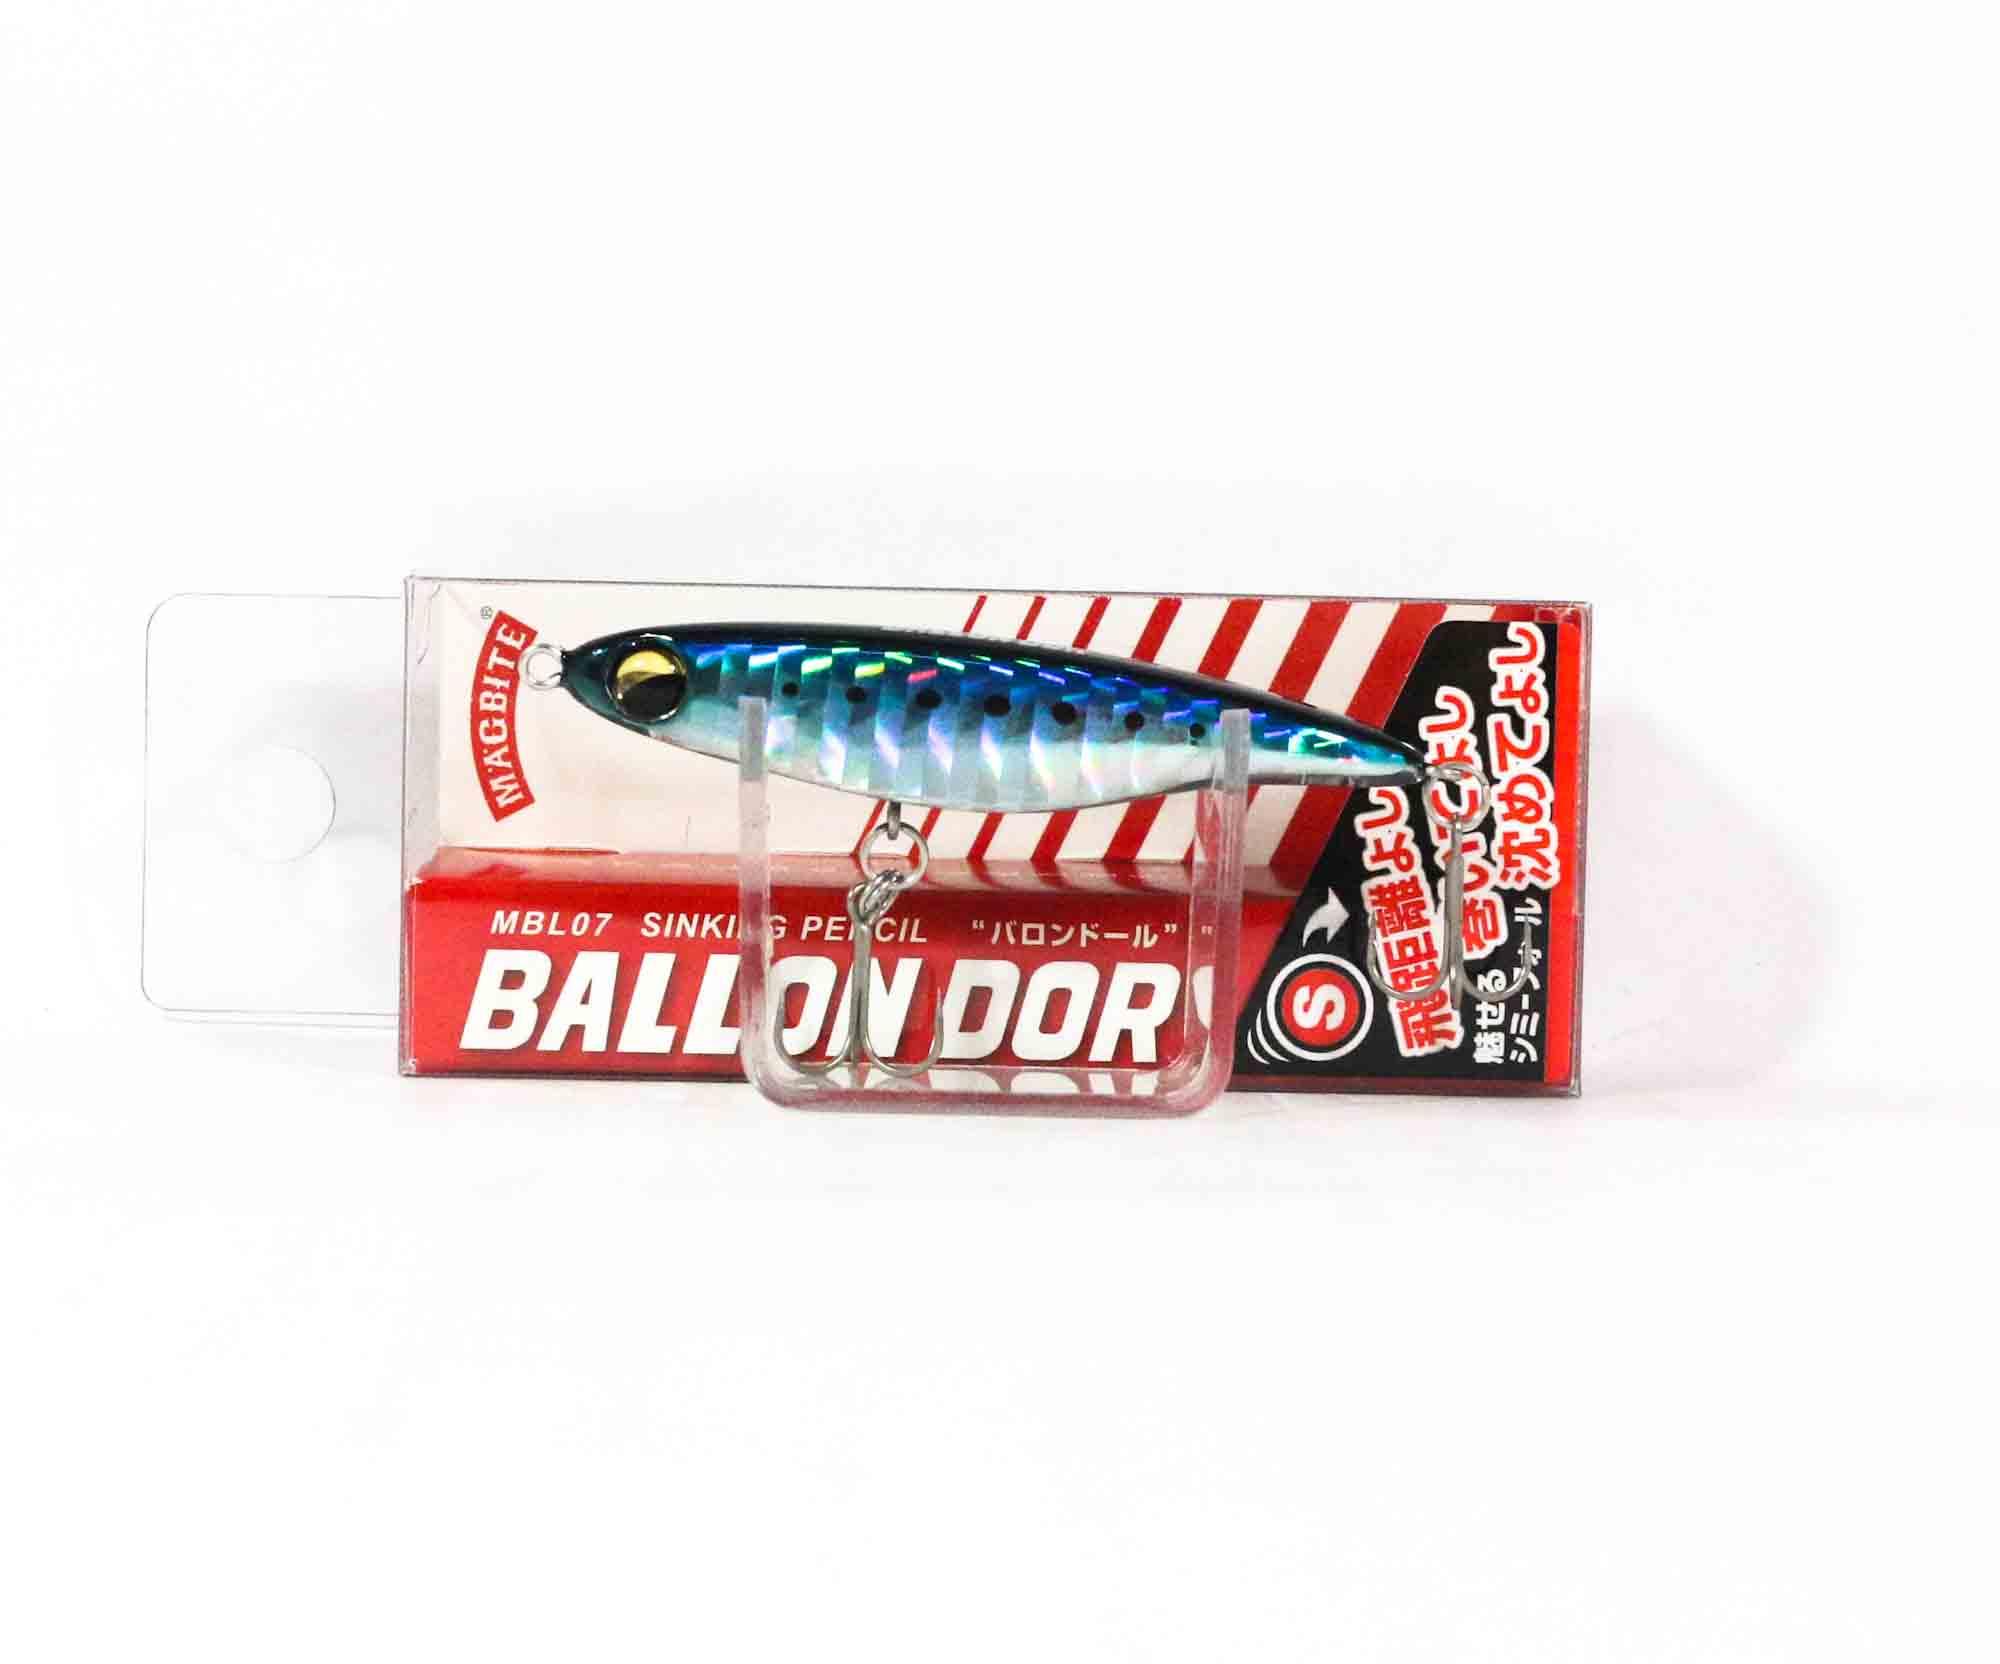 Harimitsu Mag Bite Ballon Dor Sinking Pencil Lure 4 grams (4856)